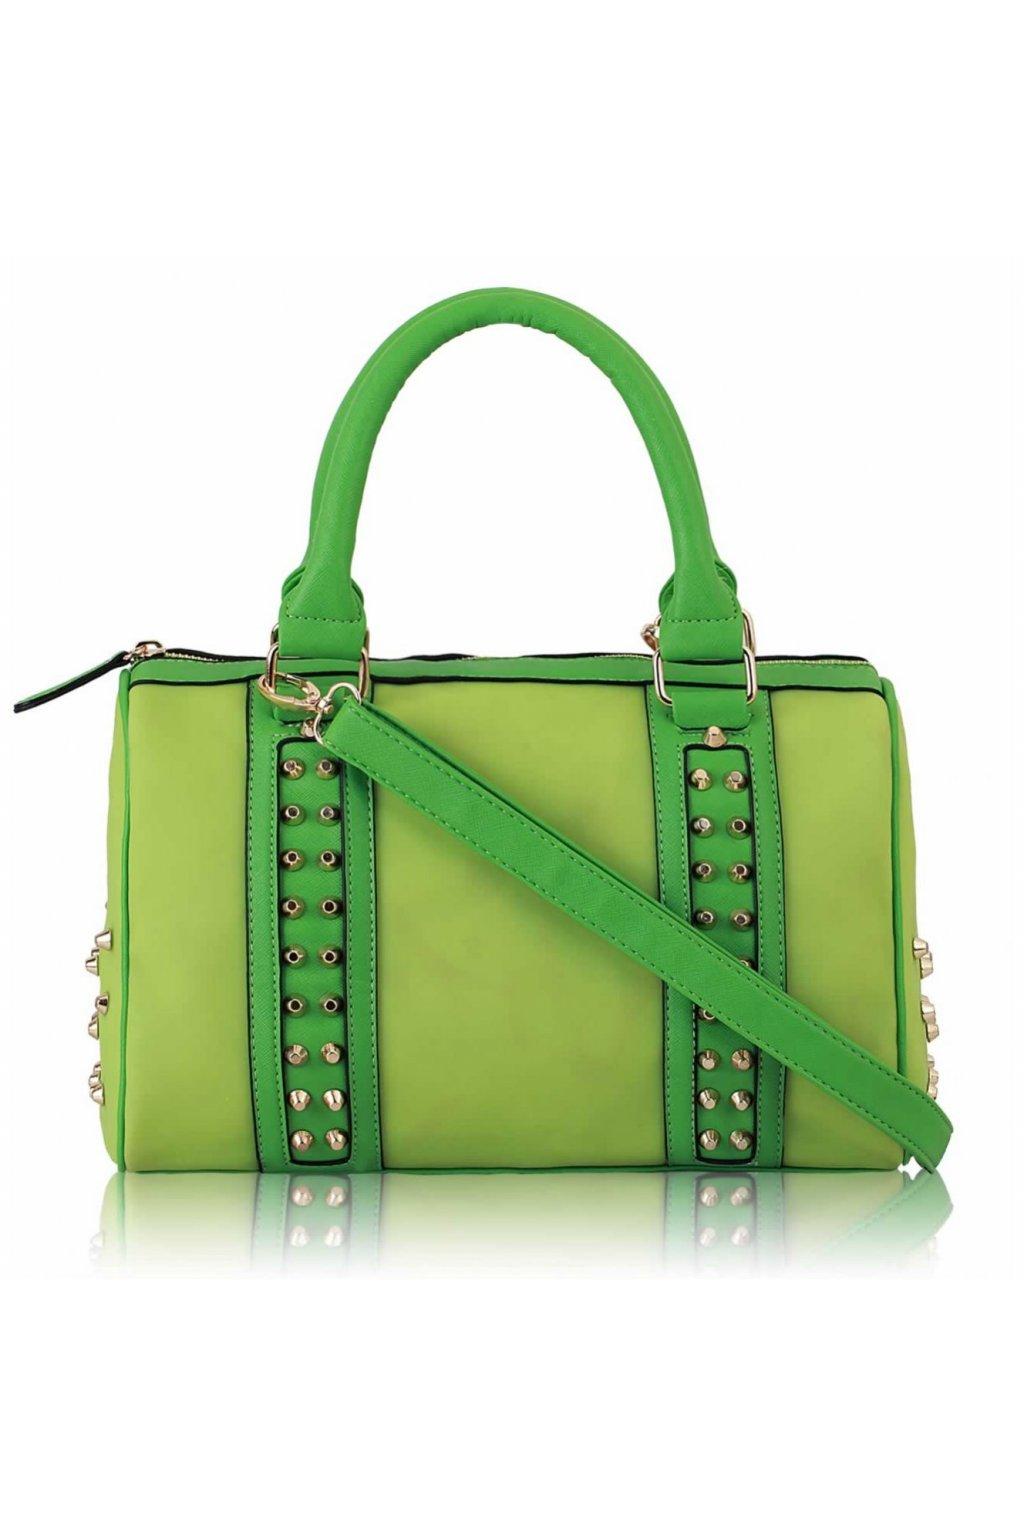 Kabelka do ruky Lesley zelená ls7007